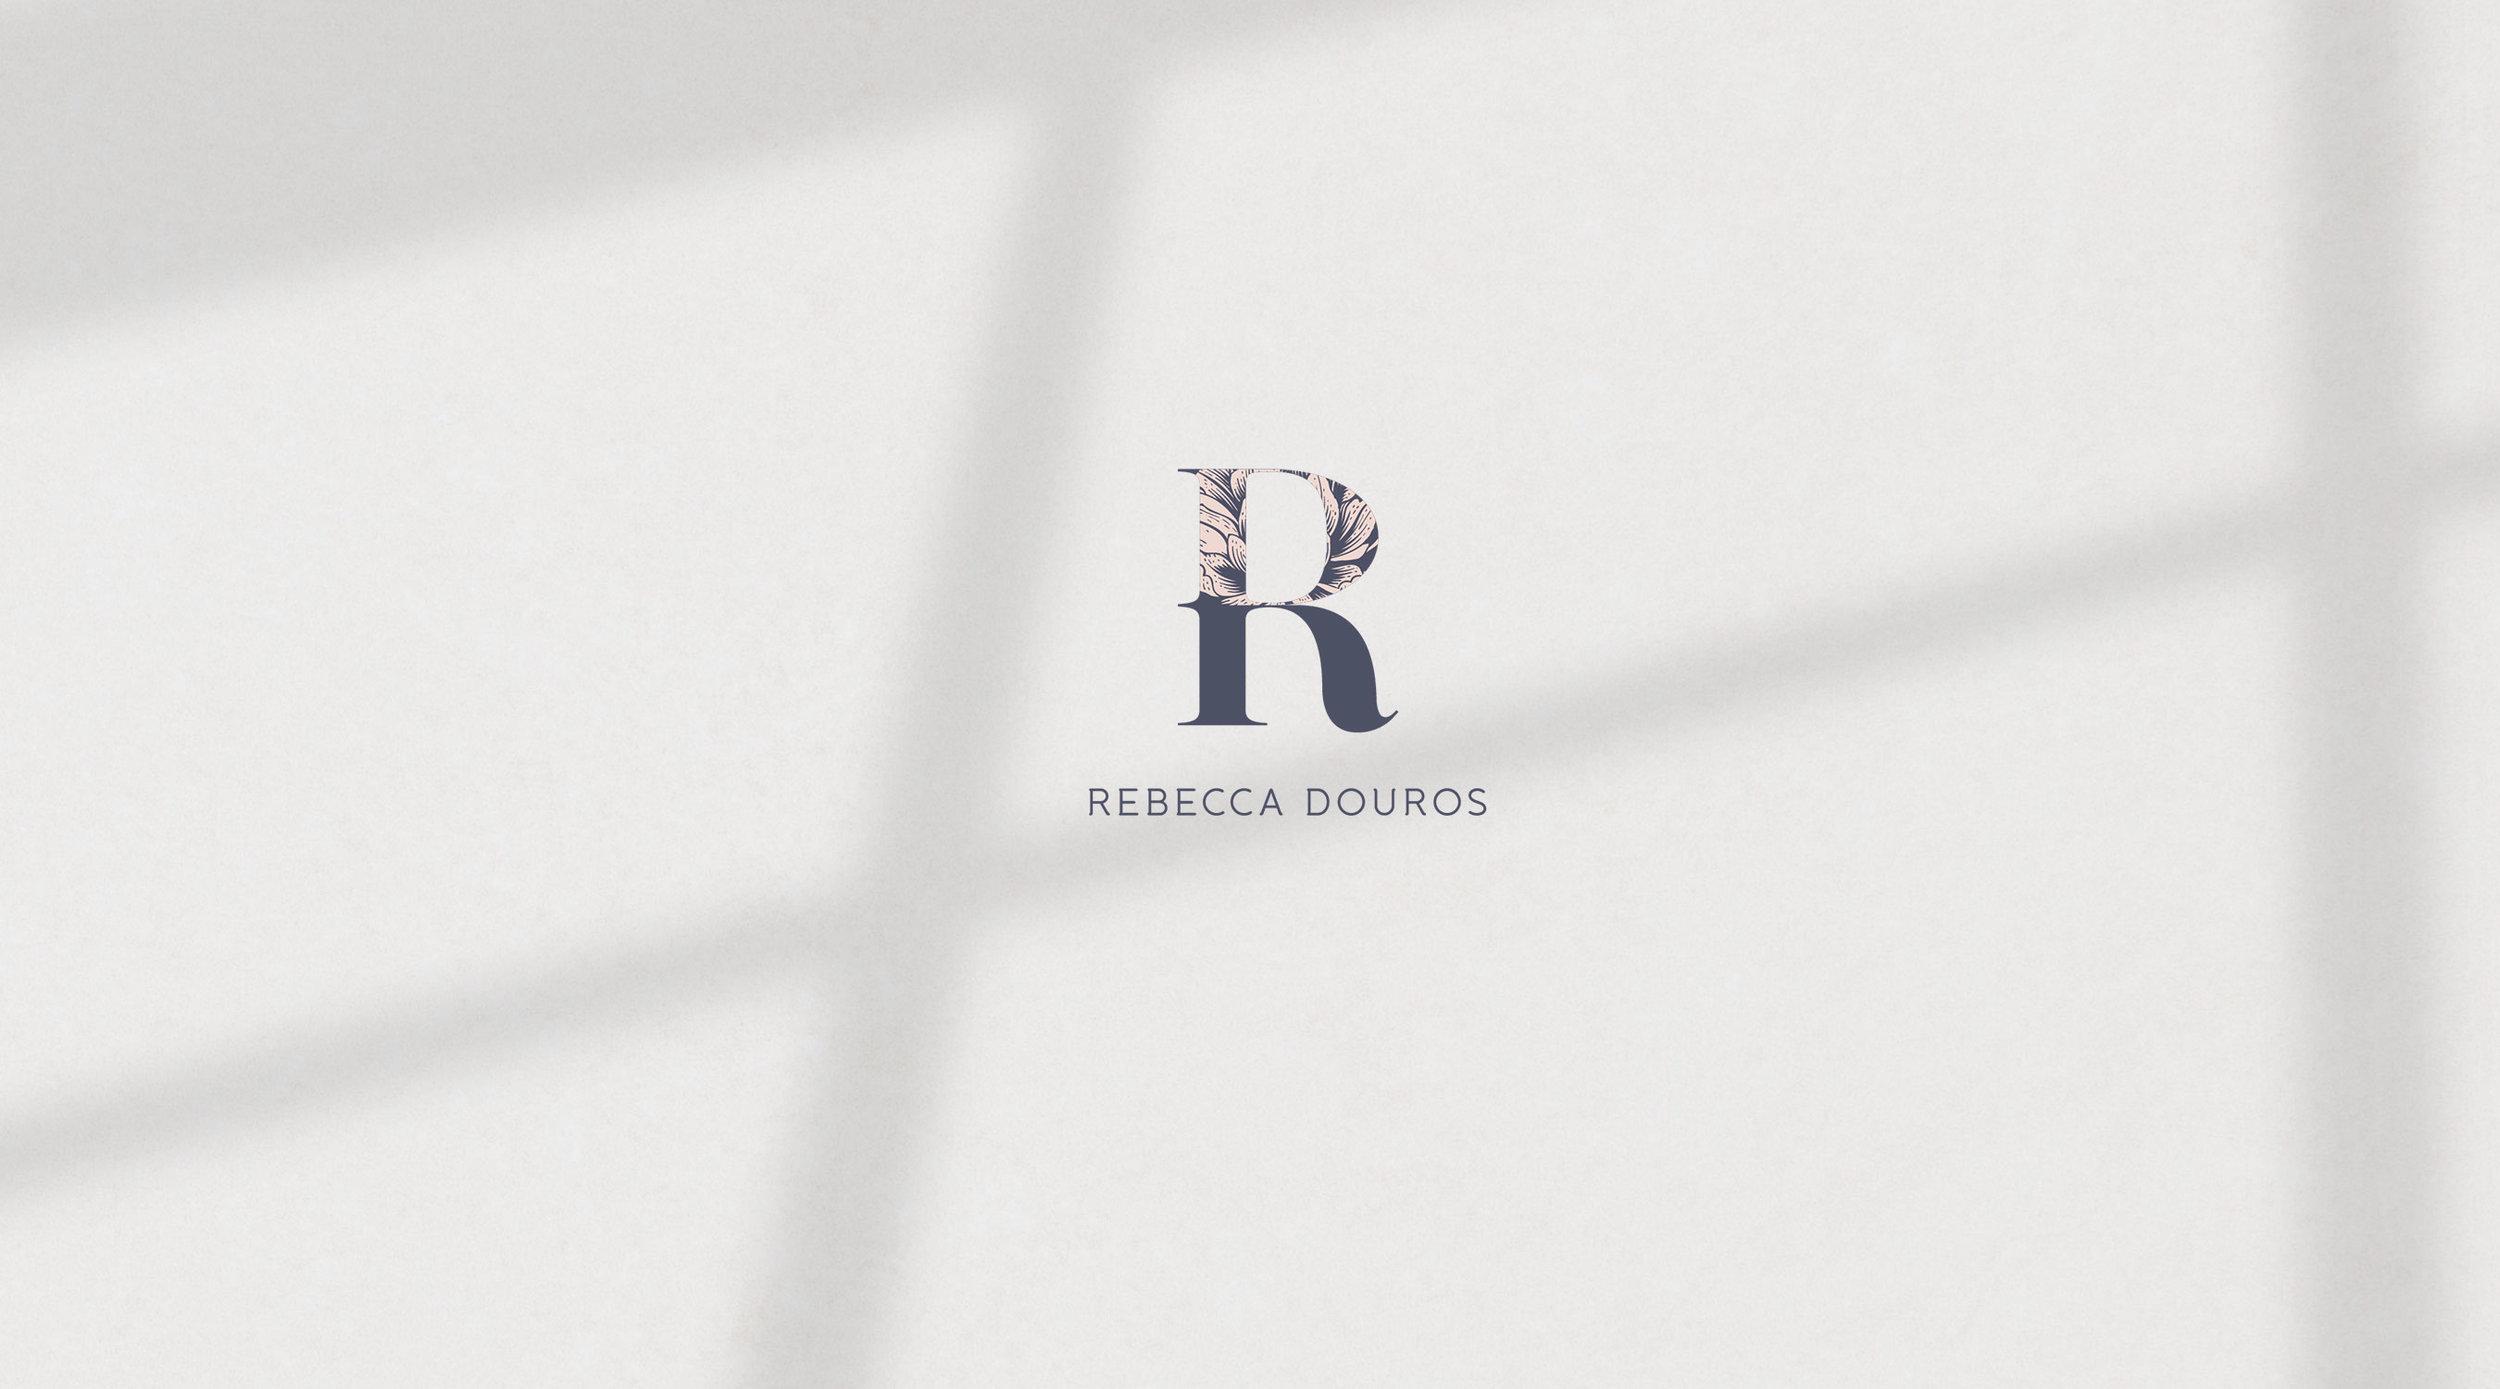 RD-CaseStudy-Logo.jpg